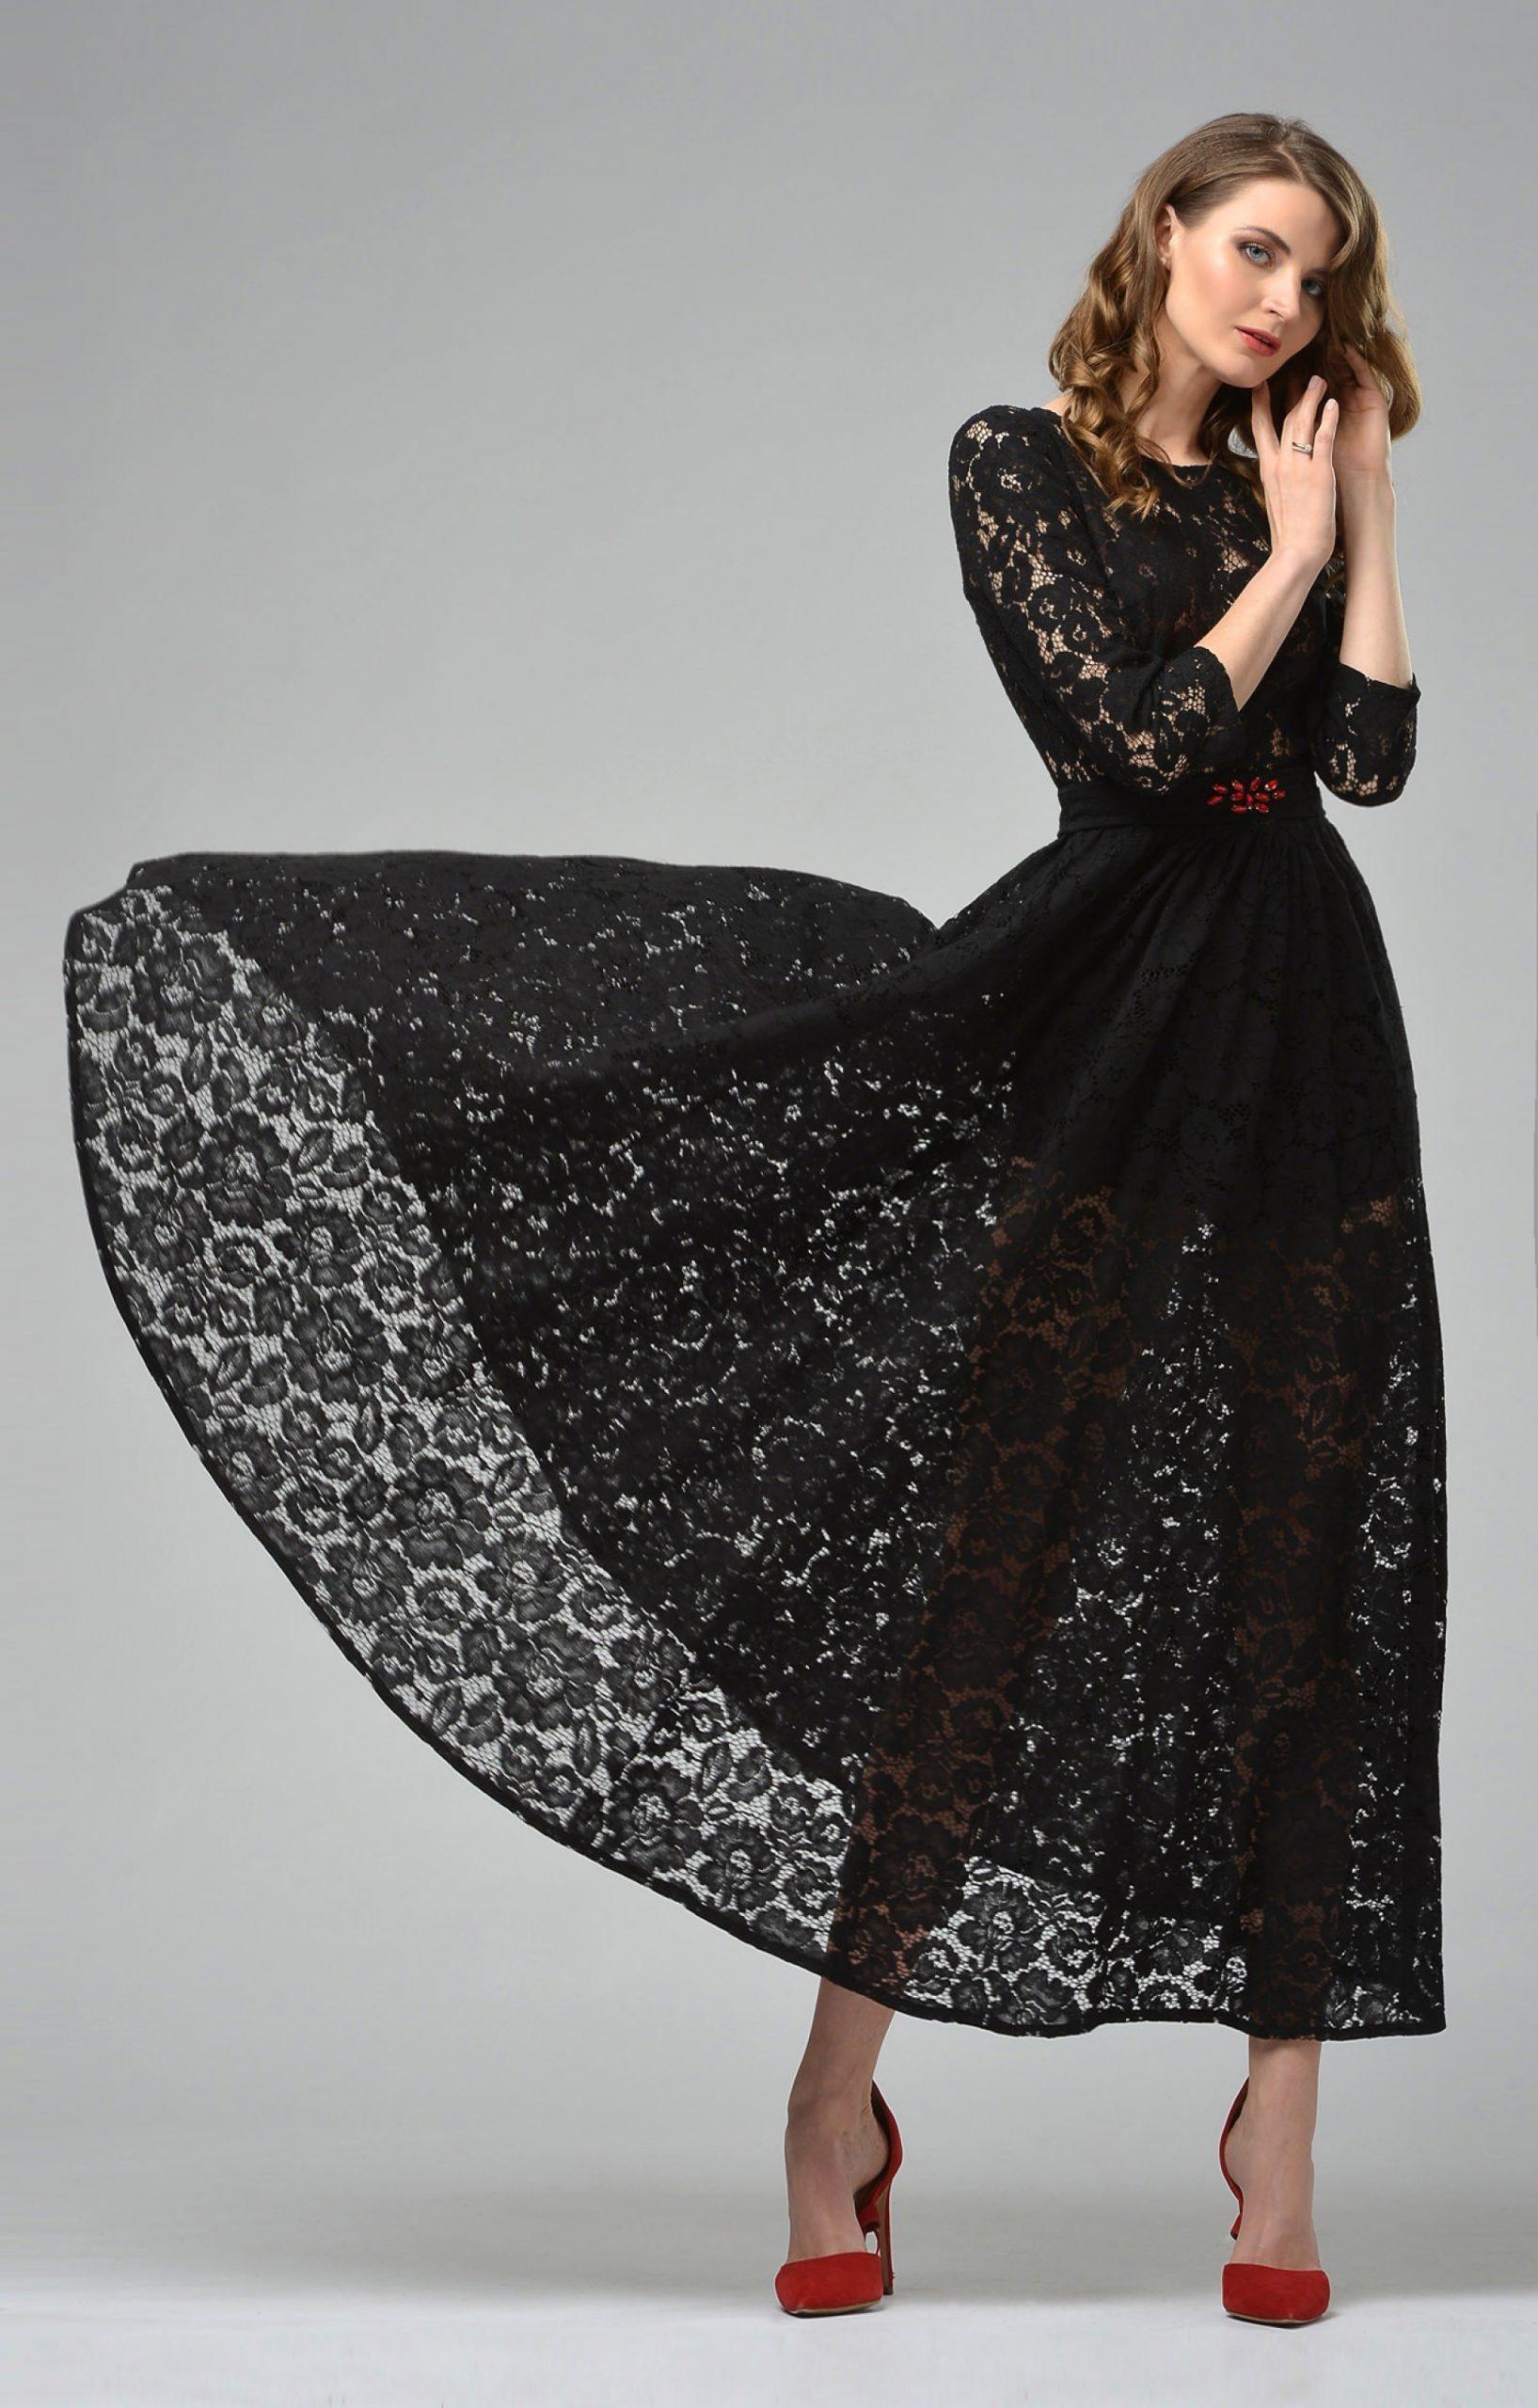 Designer Einfach Zara Abendkleid Galerie20 Kreativ Zara Abendkleid Spezialgebiet